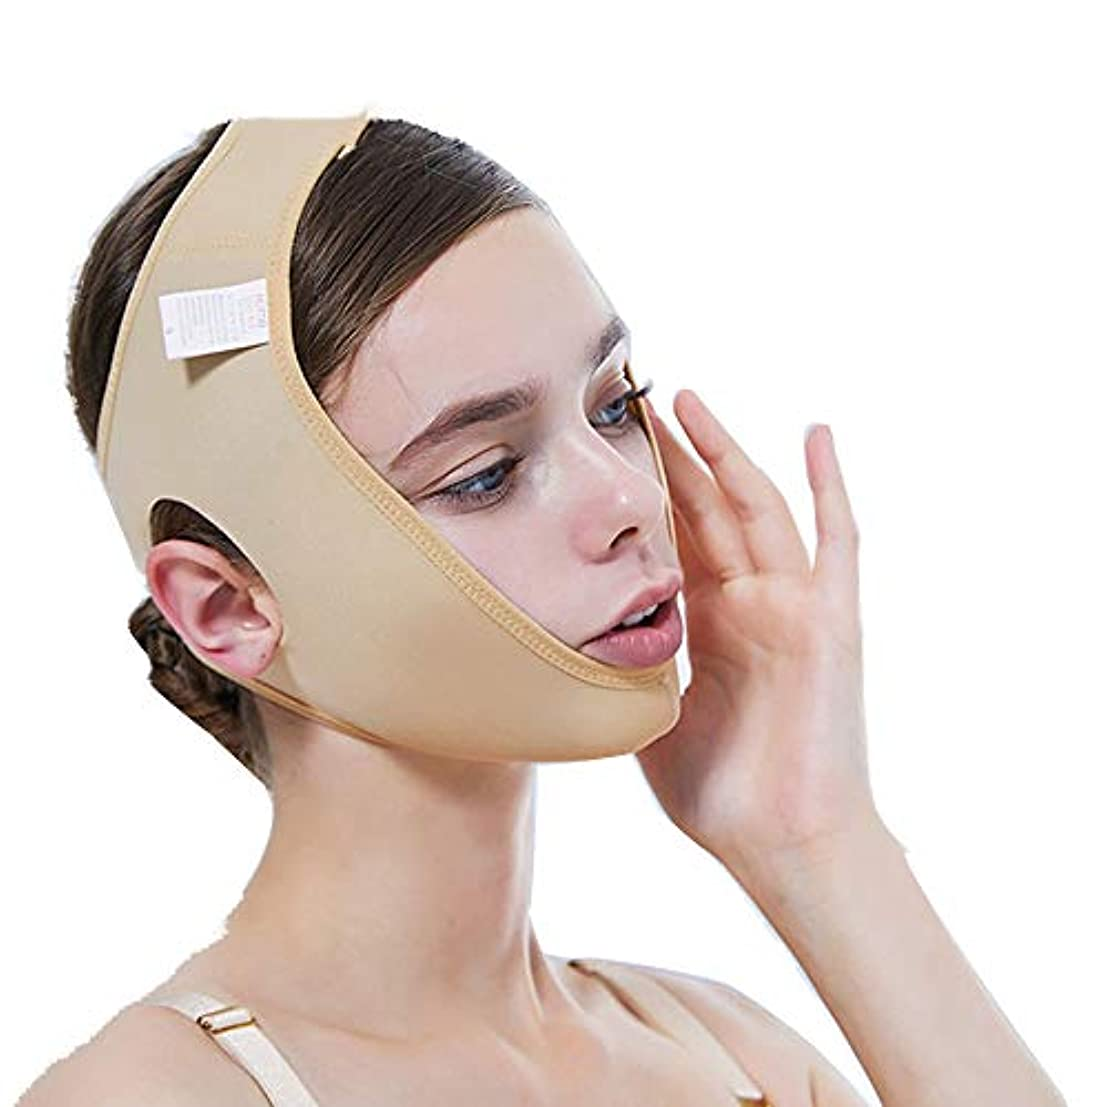 時制狐あいまいさフェイスリフトマスク、薄型ダブルチンアーティファクト/vフェイスビームフェイス/あご手術セット/フェイスマスク(カラー),XXL